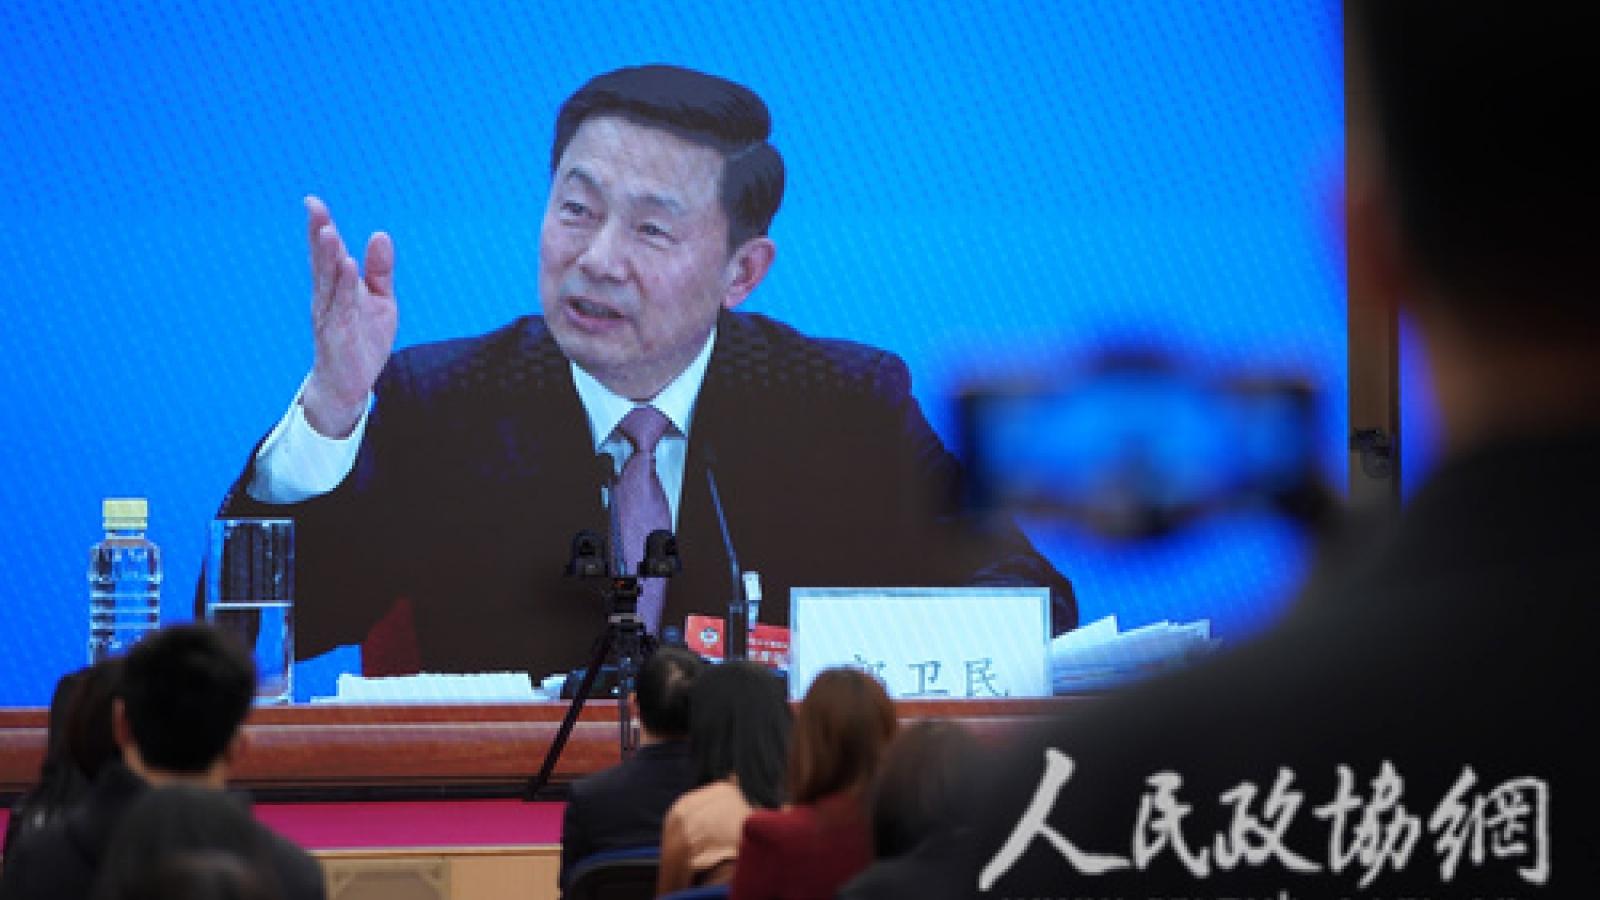 Trung Quốc bác bỏ cáo buộc lợi dụng vaccine Covid-19 đểmở rộng tầm ảnh hưởng